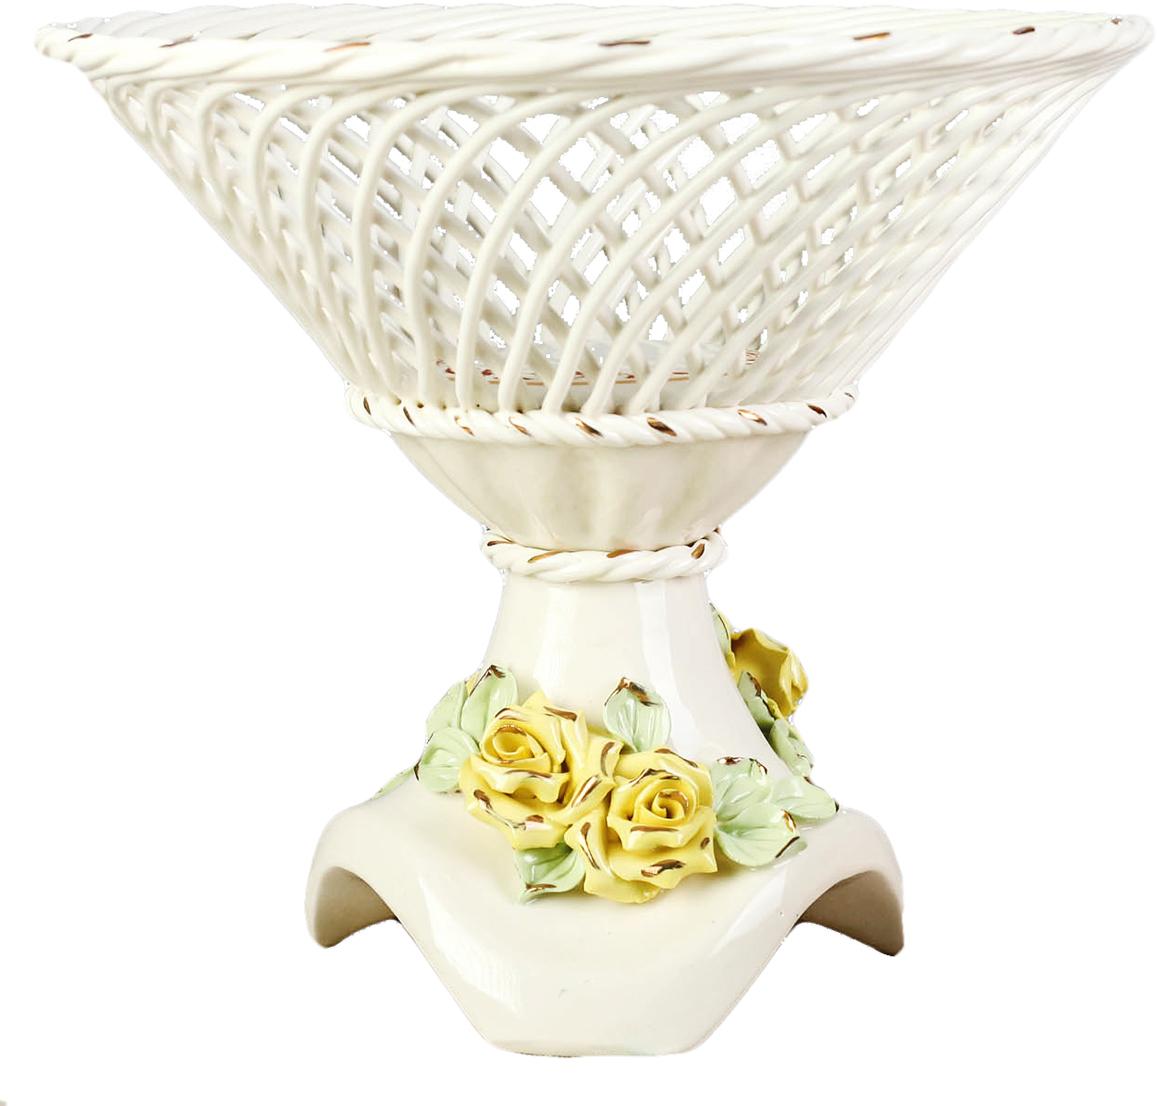 Конфетница Керамика ручной работы Адажио, цвет: белый1647506Ваза для конфет выполнена из фарфора белого цвета. Её стенки декорированы плетением, а дно украшено рисунком. Изделие оформлено изящной лепкой в виде цветочной композиции с золотым обрамлением. Такой дизайн обязательно придётся по вкусу тем, кто предпочитает нежные цвета и изысканные детали в интерьере. Вещь предназначена для подачи конфет, сухофруктов или восточных сладостей. Фарфоровая посуда ручной работы будет радовать своей прочностью и первоначальным внешним видом не один год!